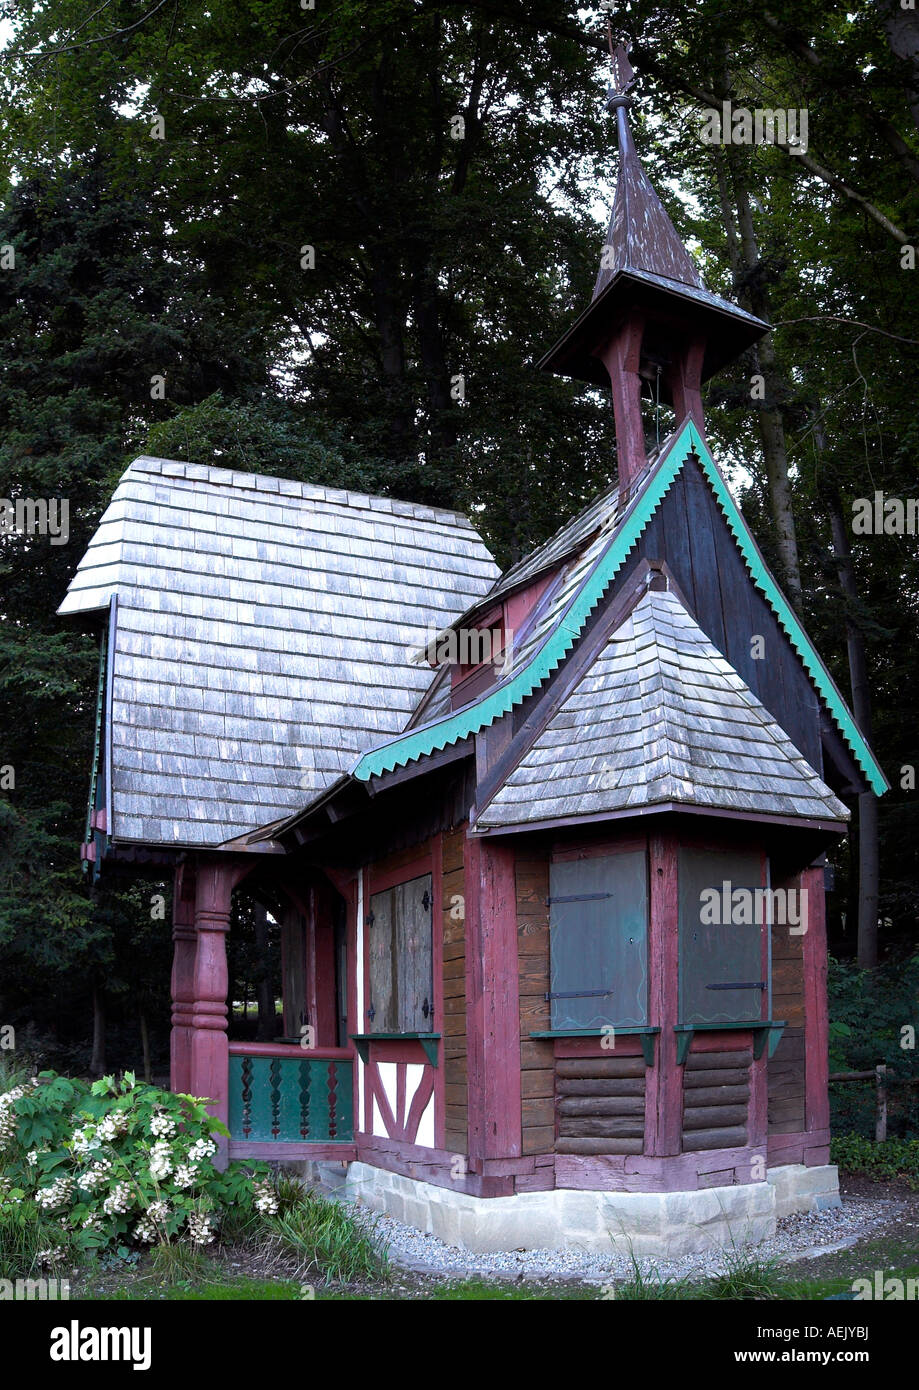 Hexenhaus in der Stadt Garten von Überlingen an der Rheingletsscher, Landkreis Überlingen, Baden-Württemberg, Stockbild